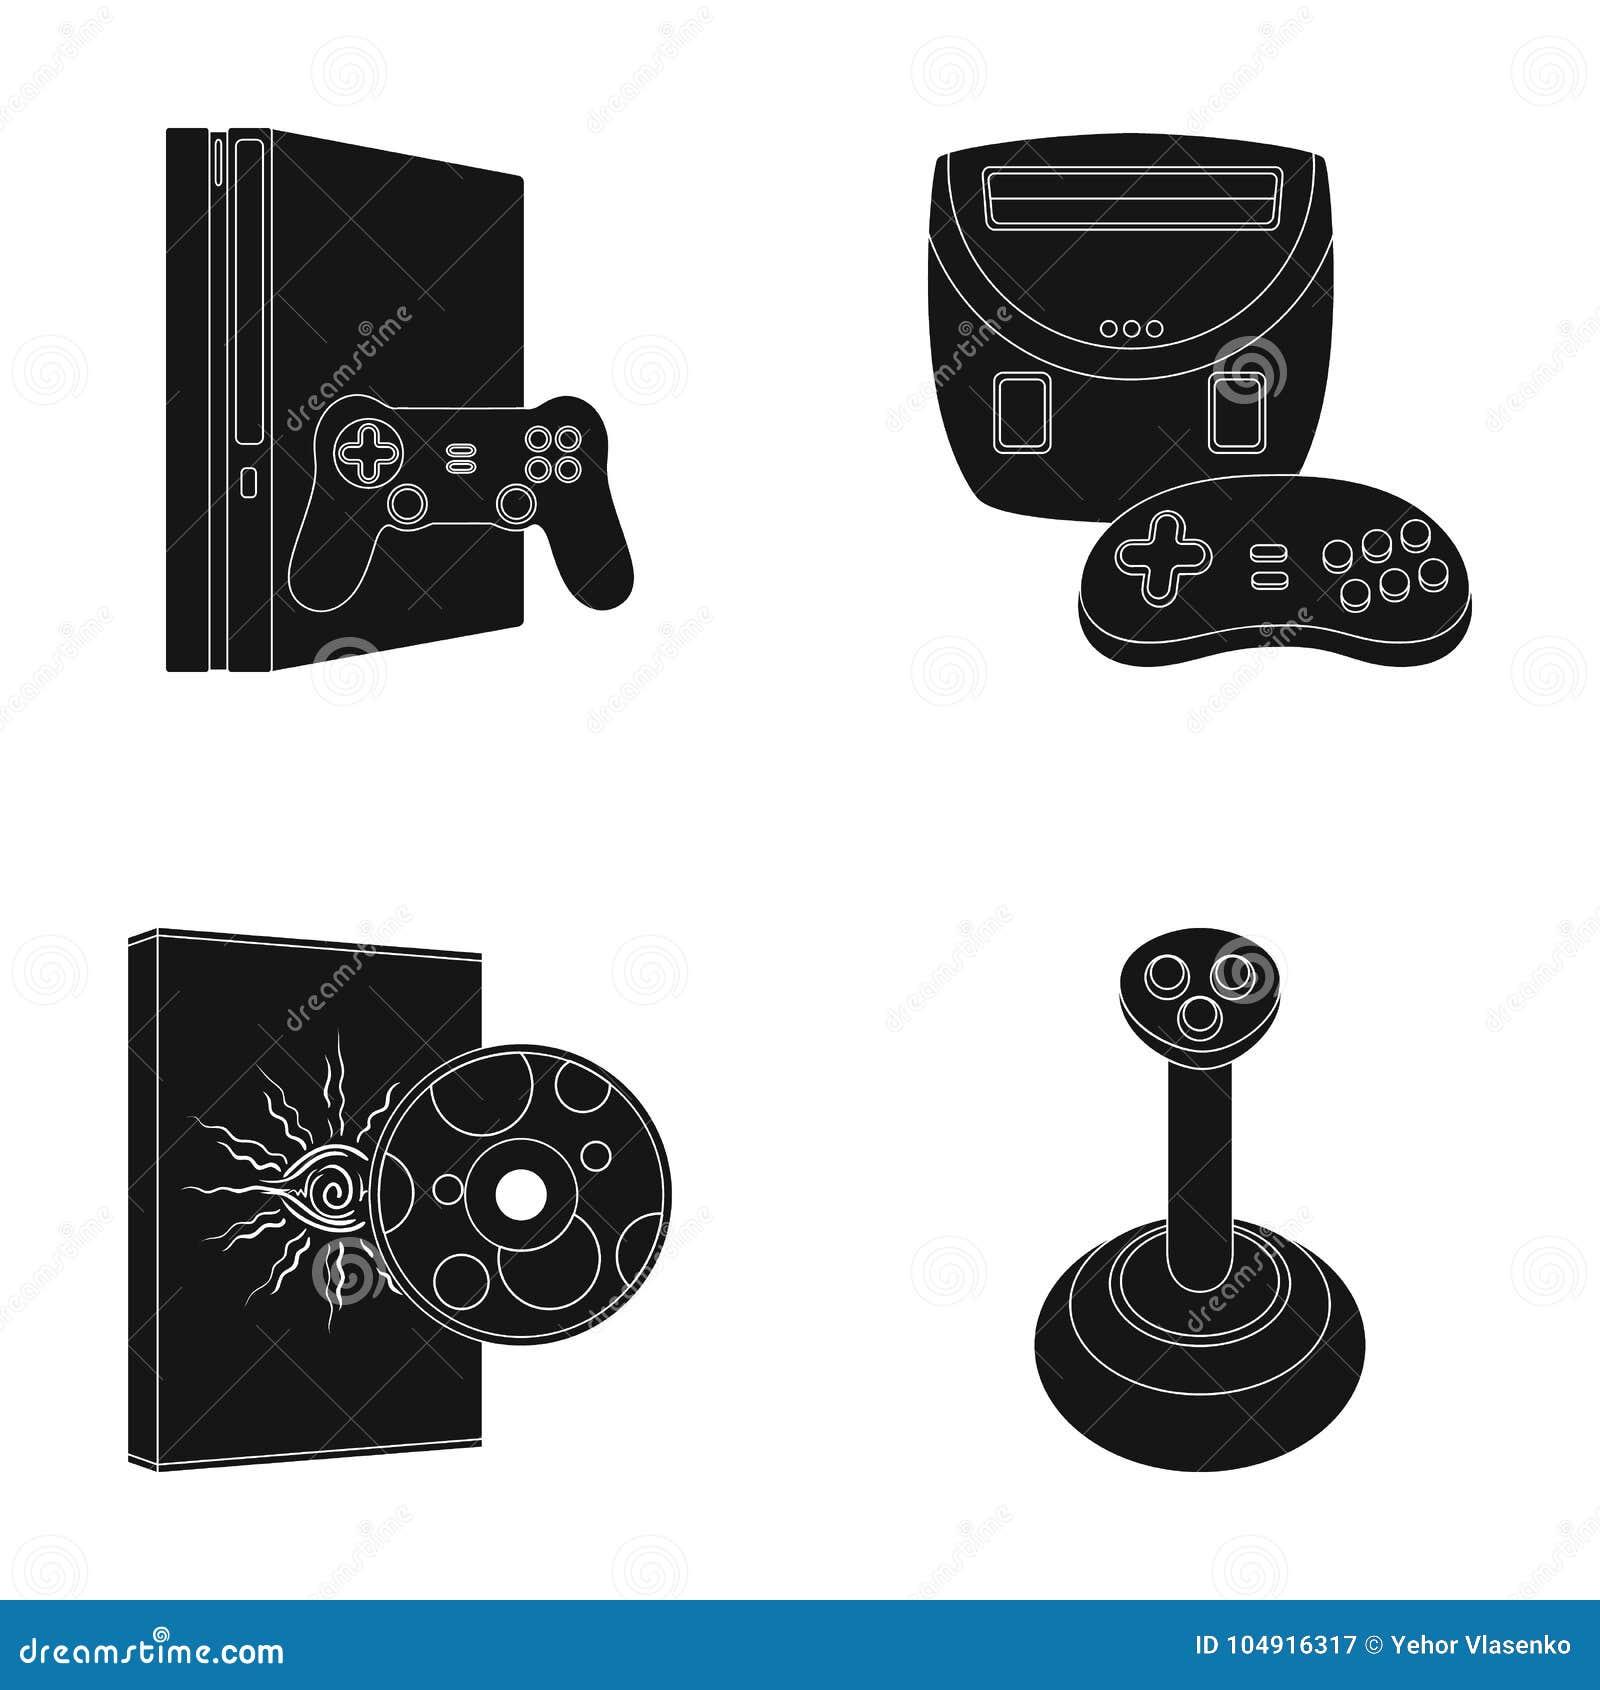 Van de van de spelconsole, bedieningshendel en schijf zwarte pictogrammen in vastgestelde inzameling voor ontwerp Web van de het